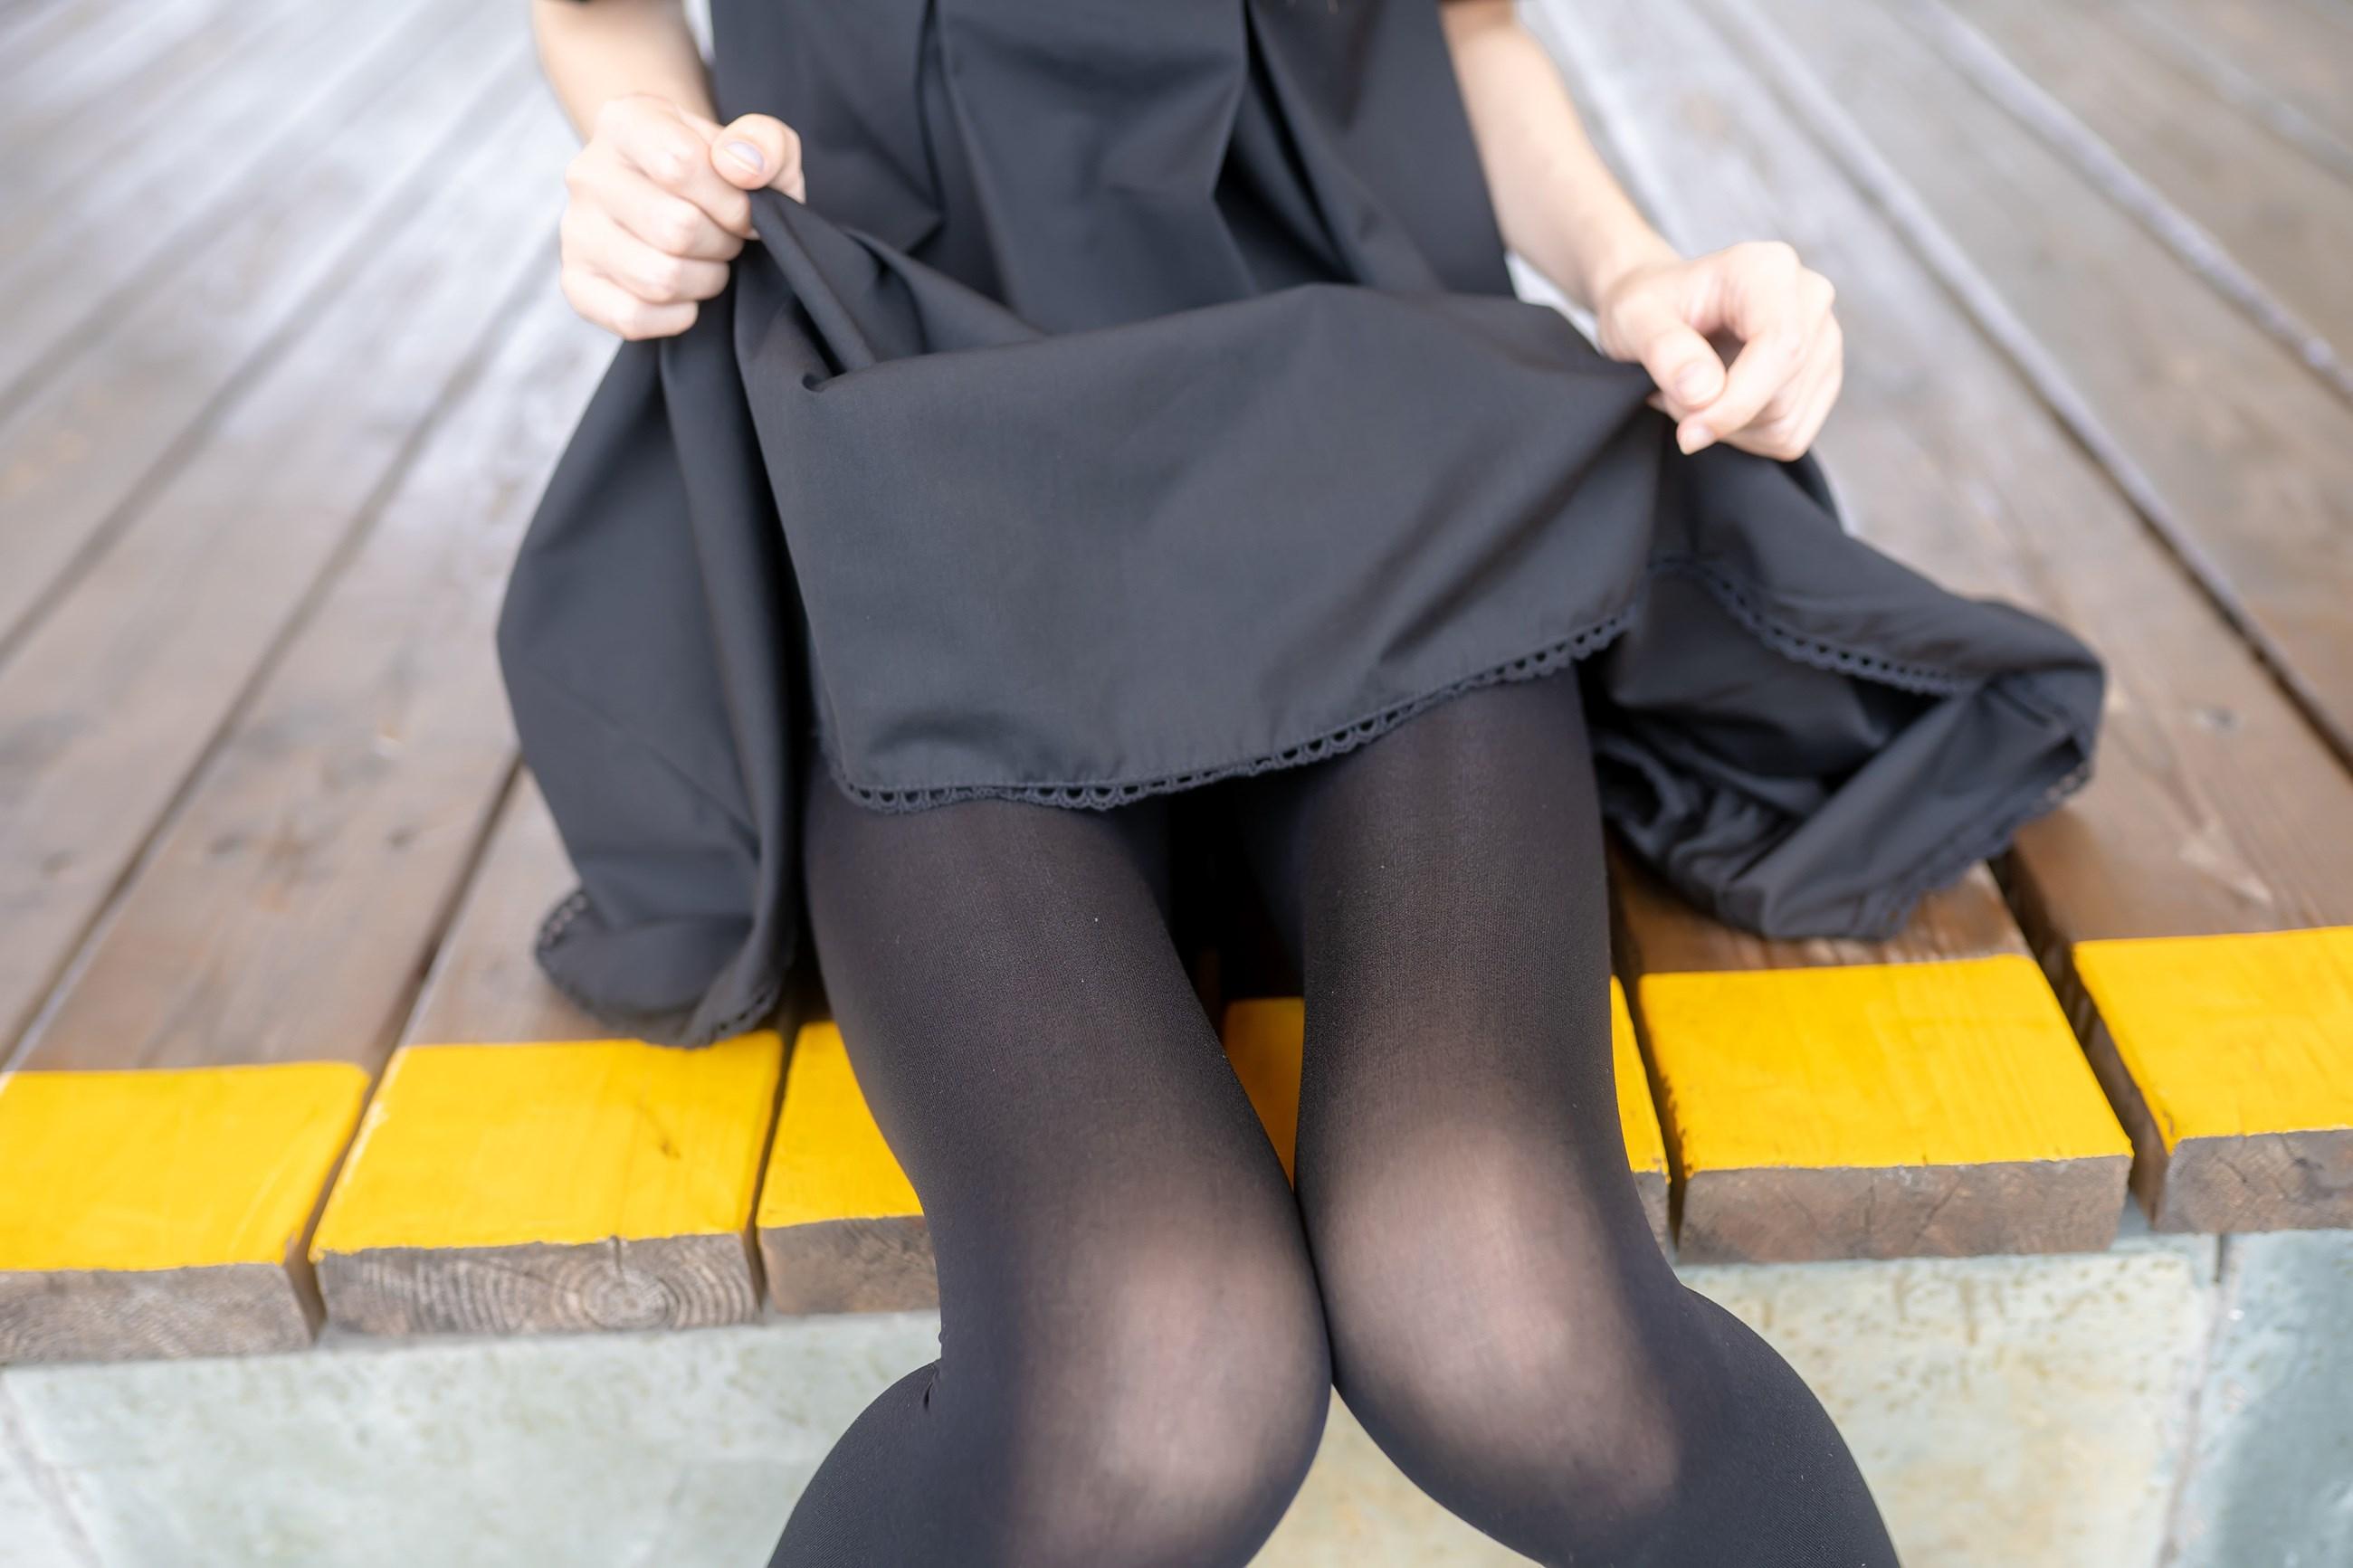 【兔玩映画】冬天里的黑丝 兔玩映画 第20张